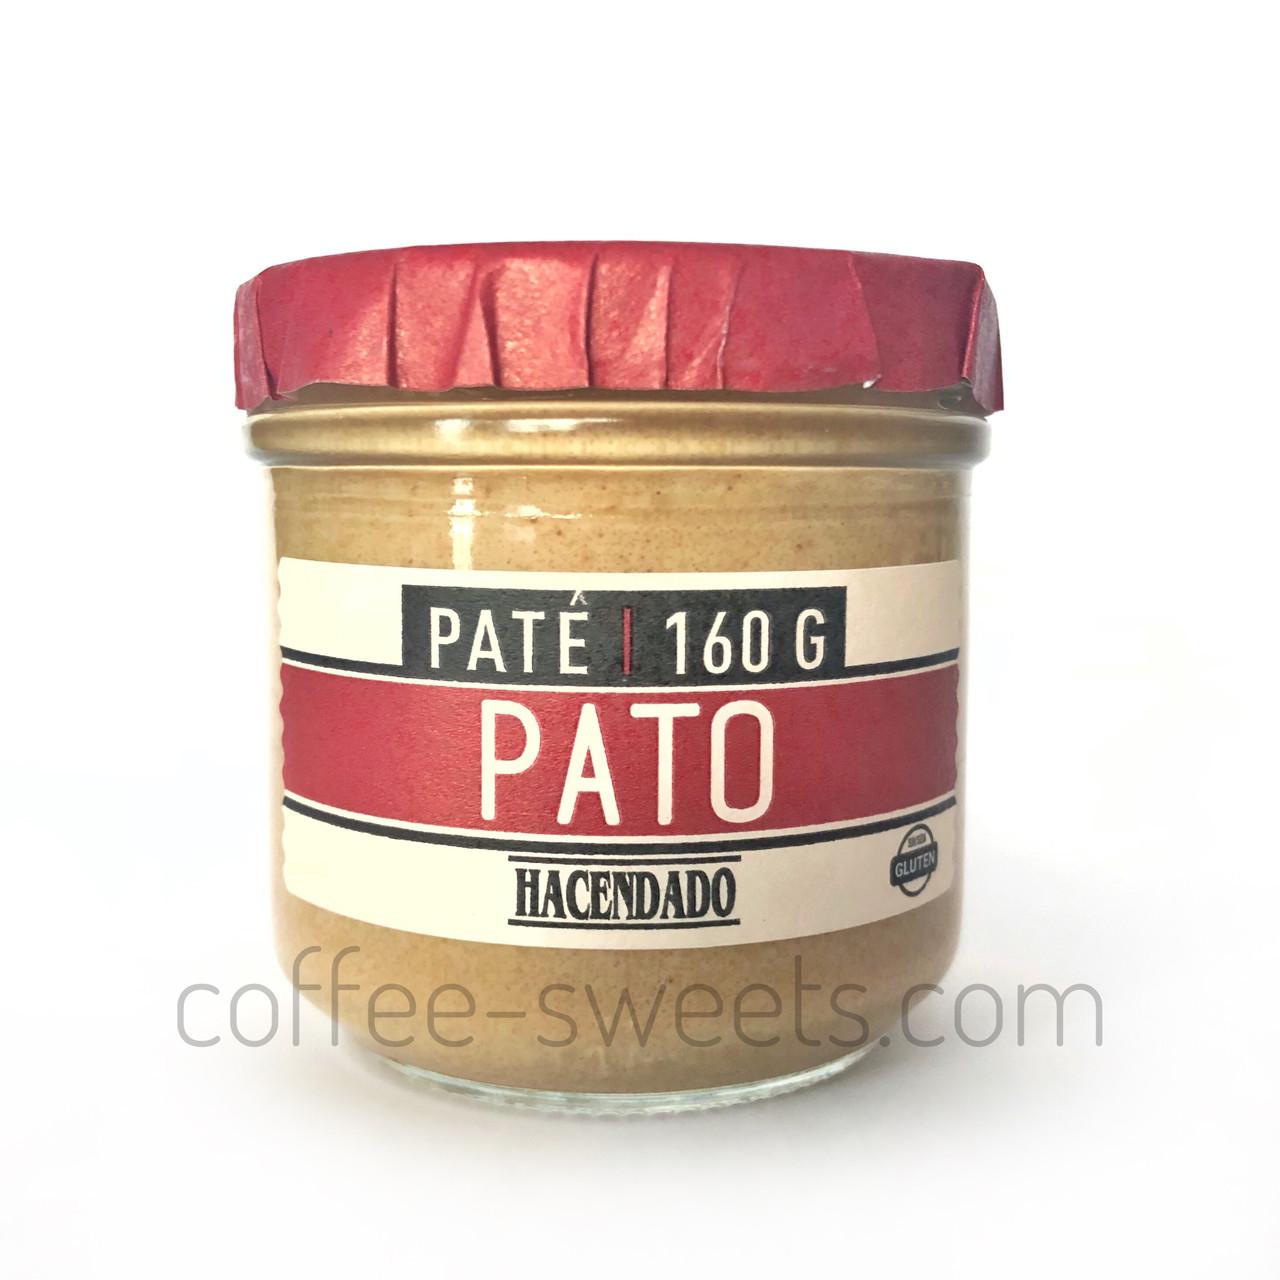 Паштет Hacendado Pate Pato 160 g